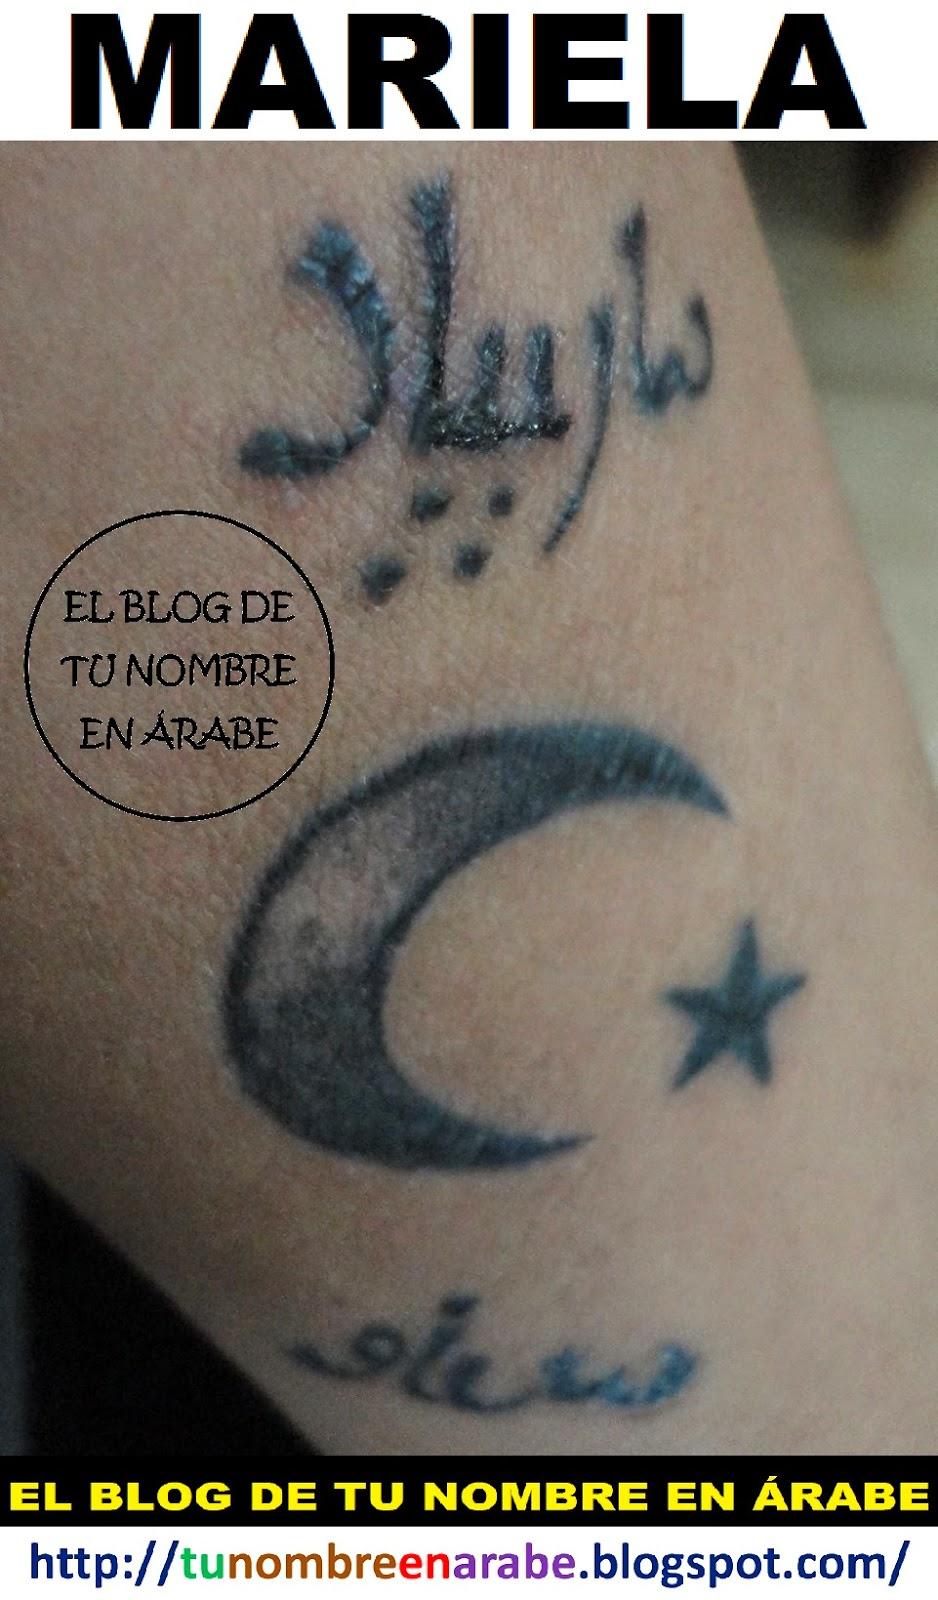 tatuajes de nombres MARIELA